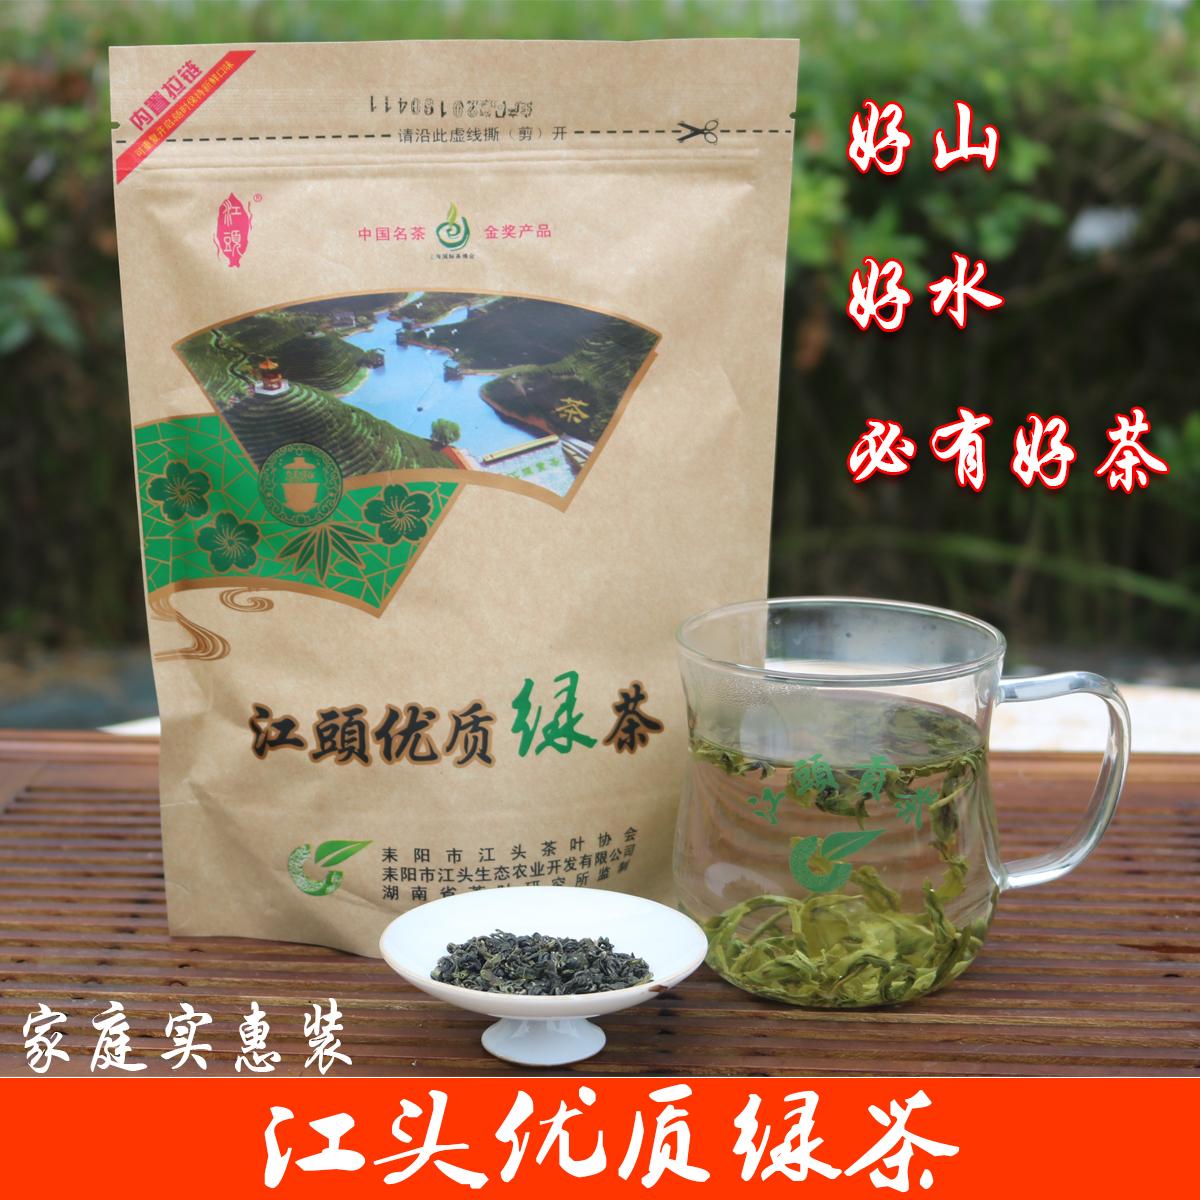 湖南耒阳特产 江头贡茶 江头优质绿茶 正宗江头茶园茶叶250g